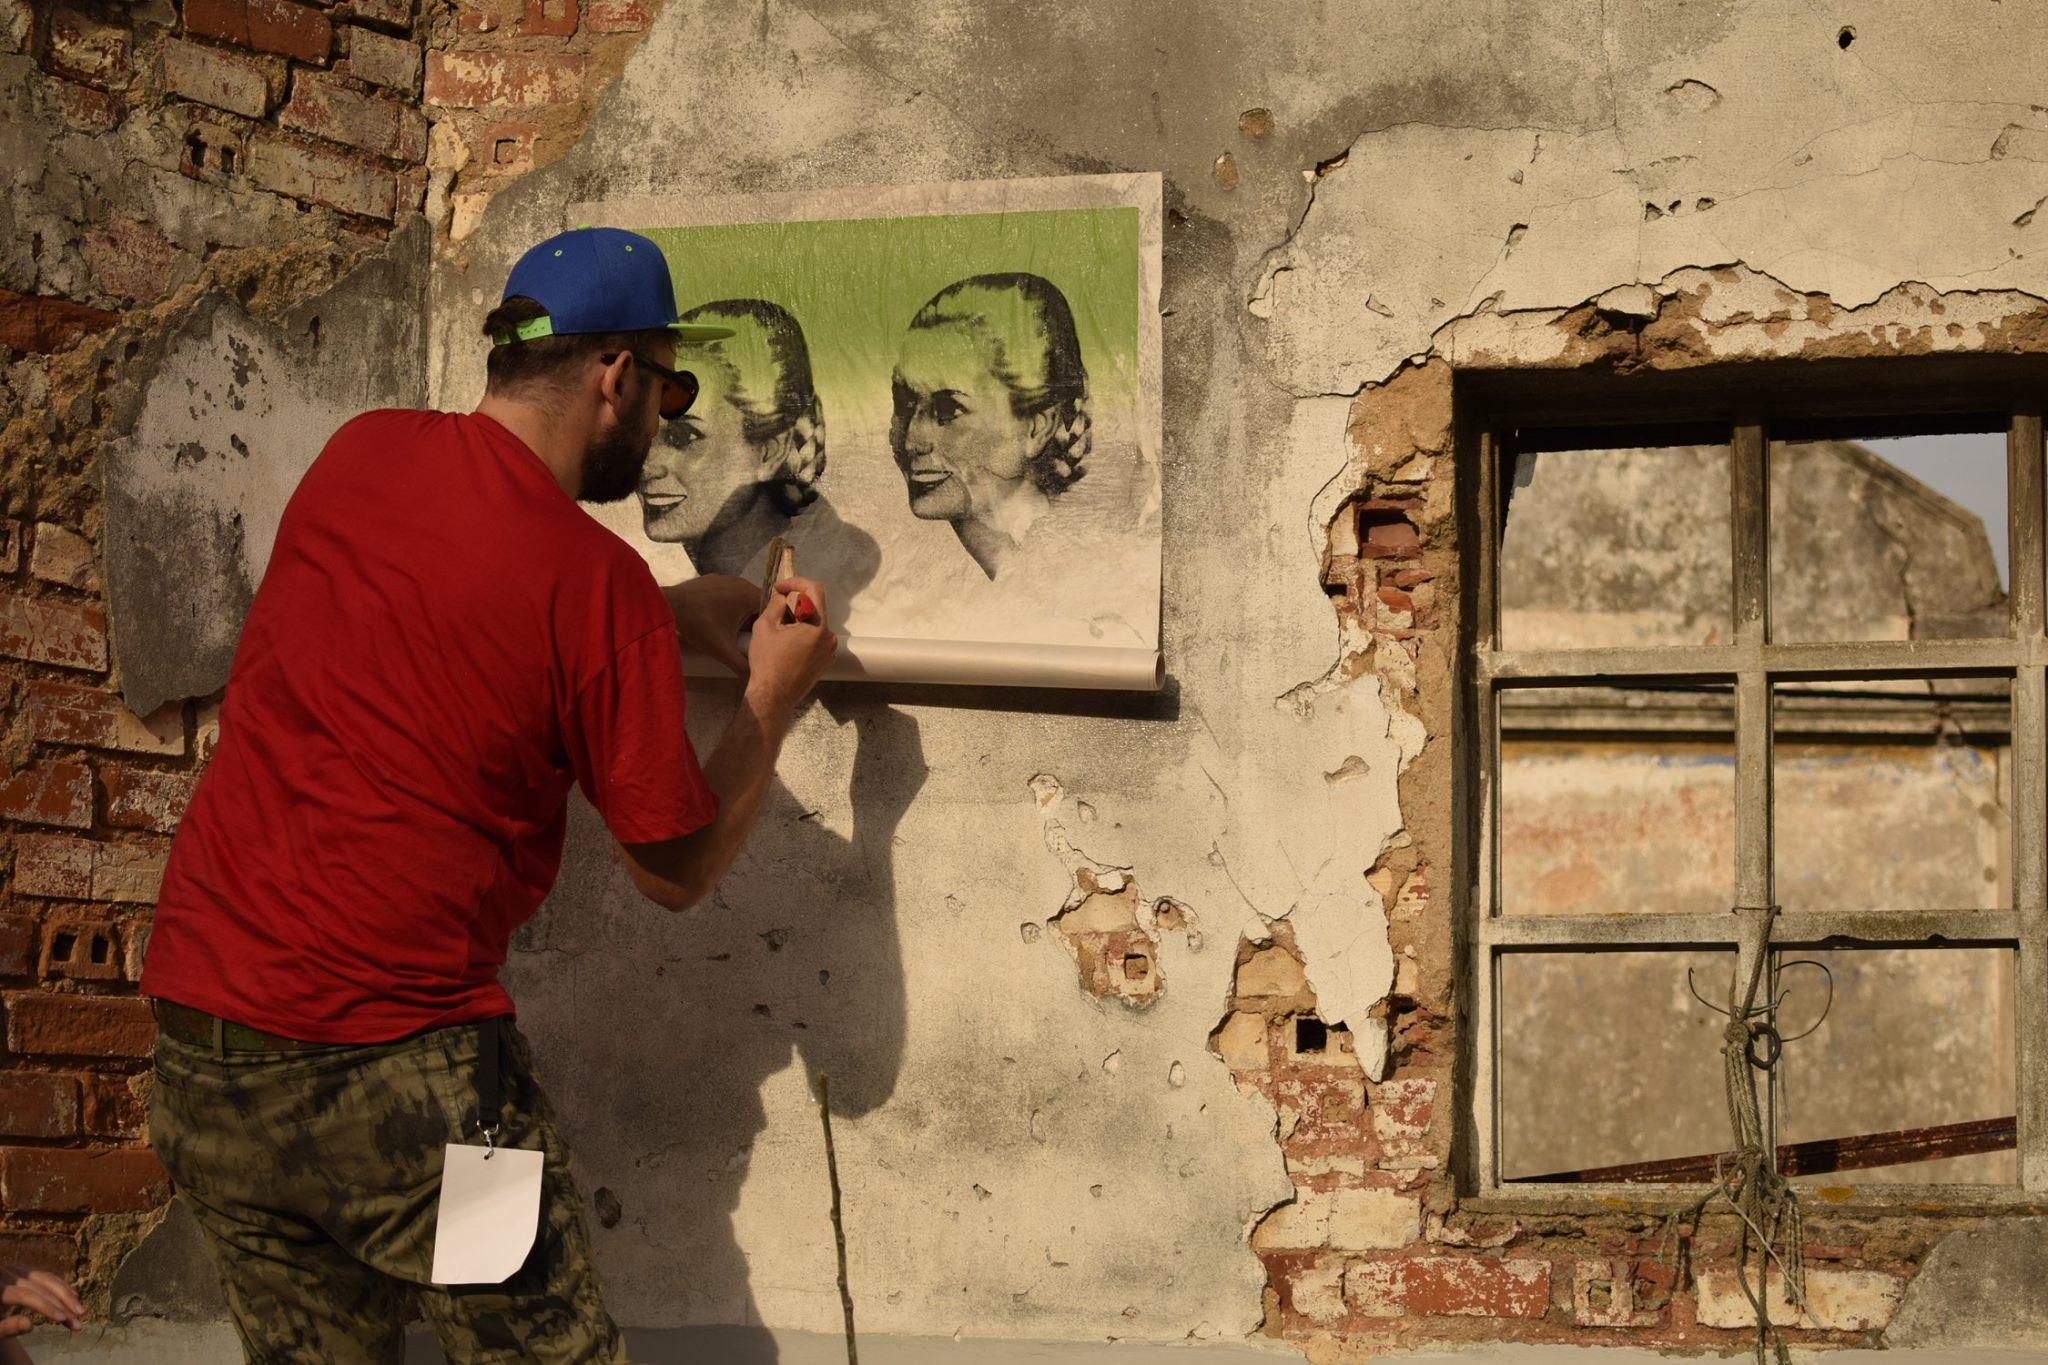 muro festival arte urbana marvila lisboa 2017 (12)